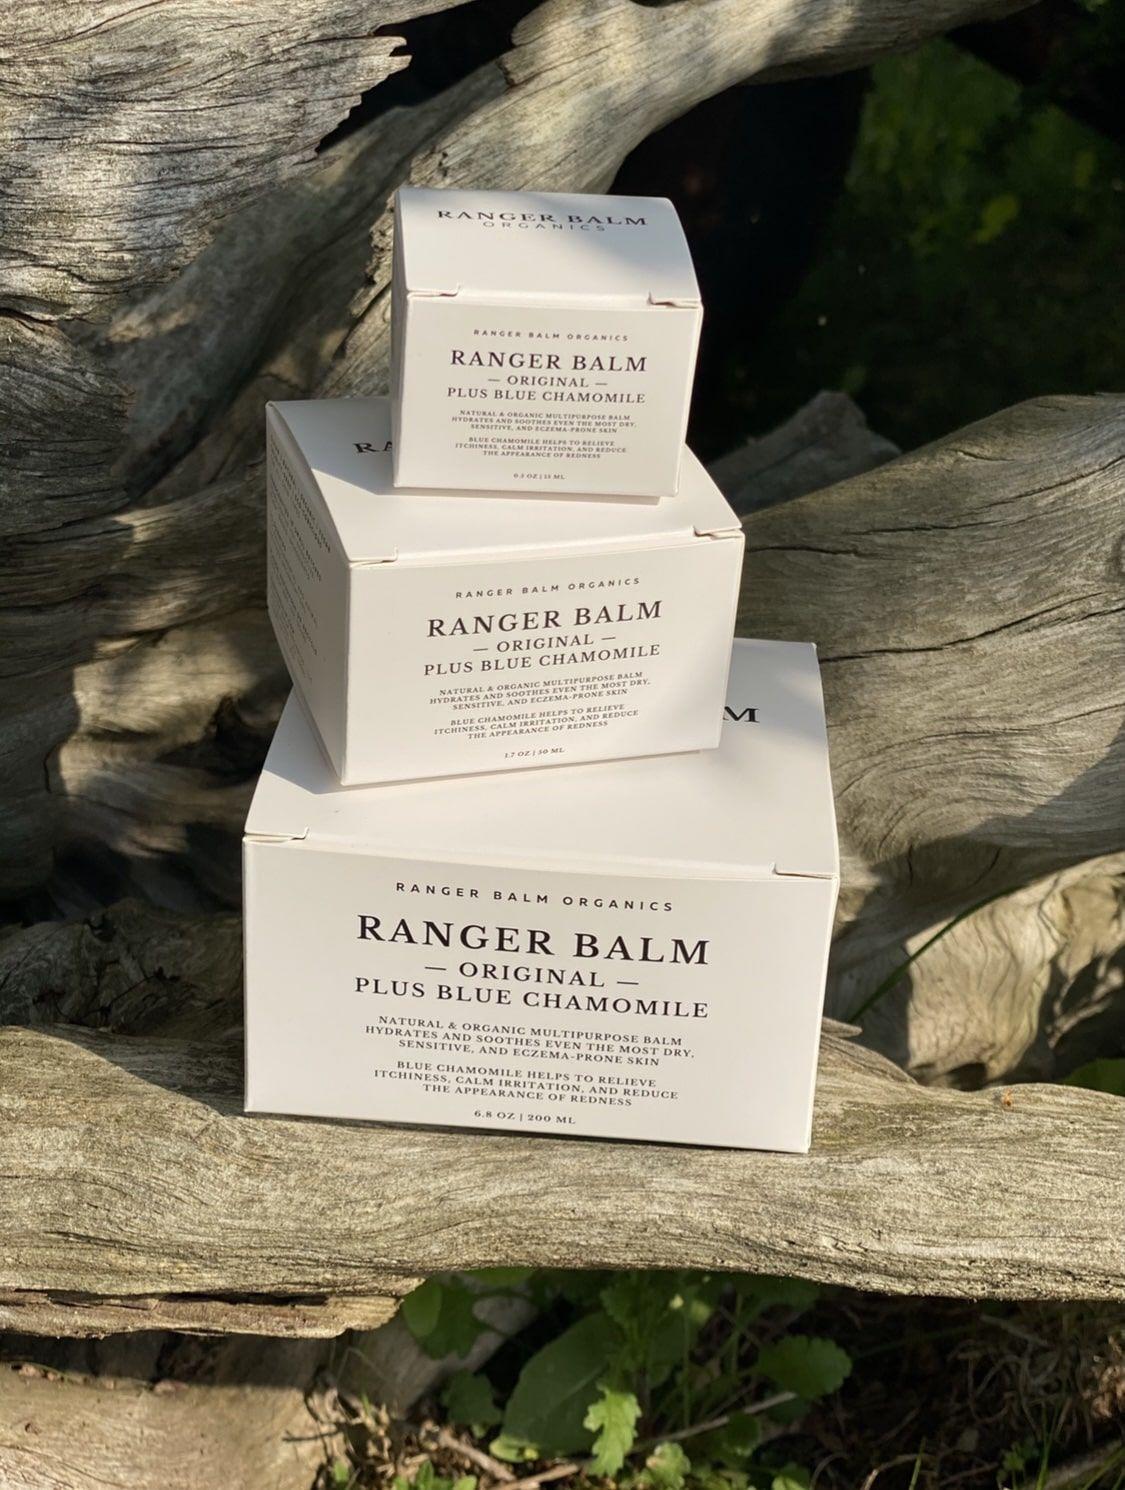 Ranger Balm Minimal Folding Carton Boxes